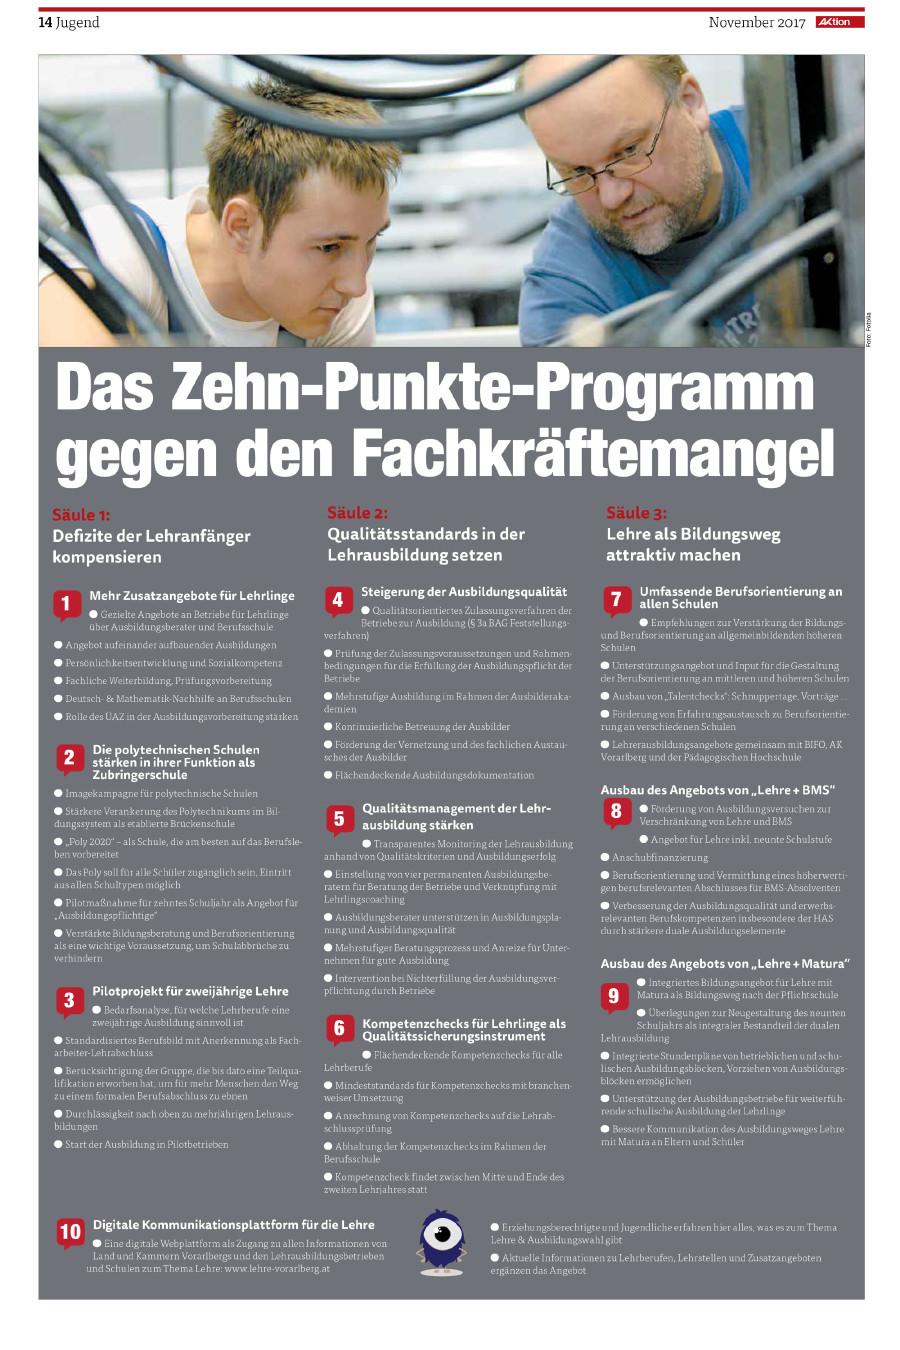 10 Punkte Programm © AK Vbg.